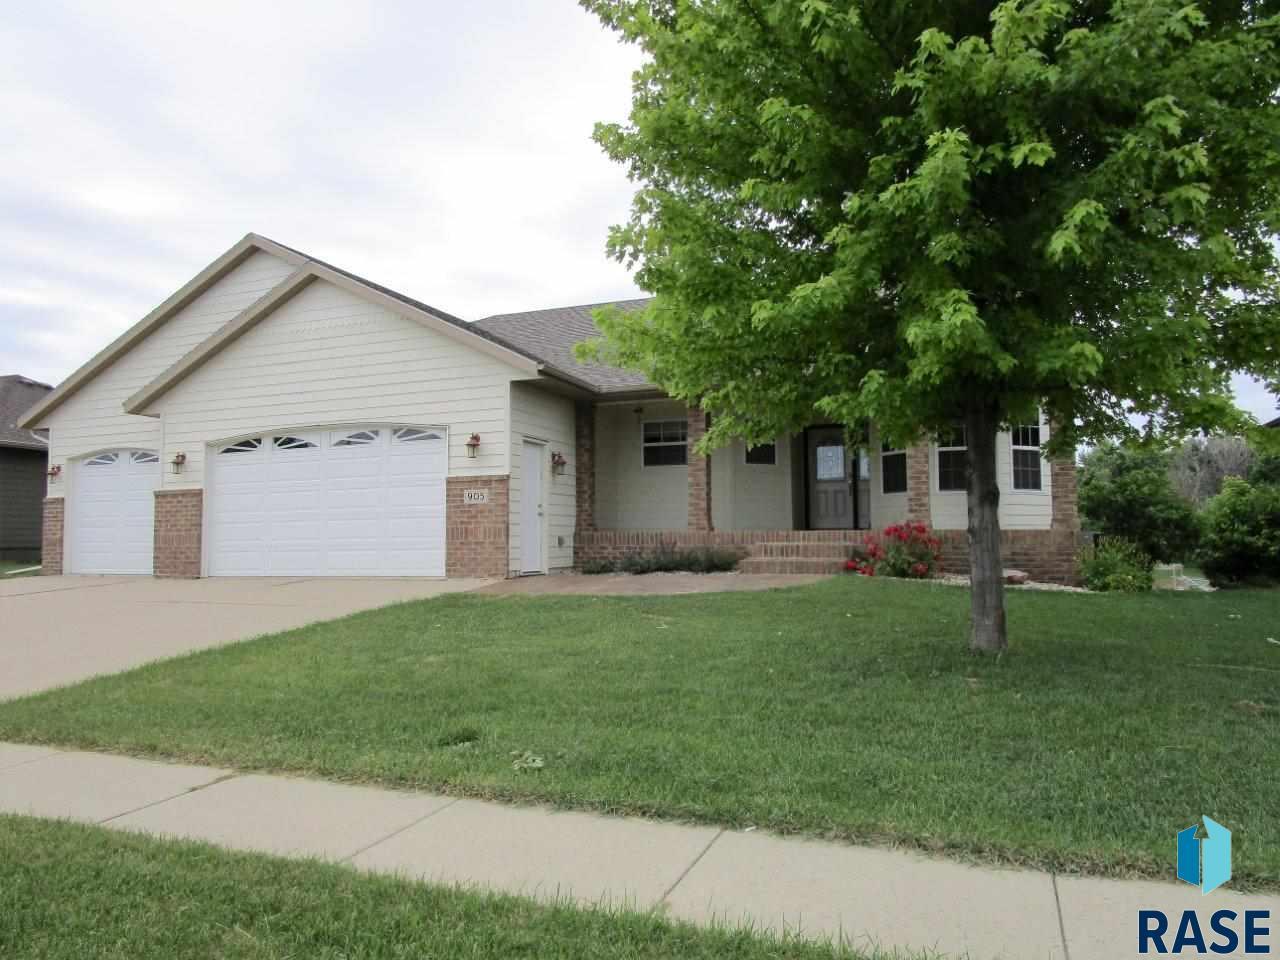 905 N Archer Dr, Sioux Falls, SD 57103